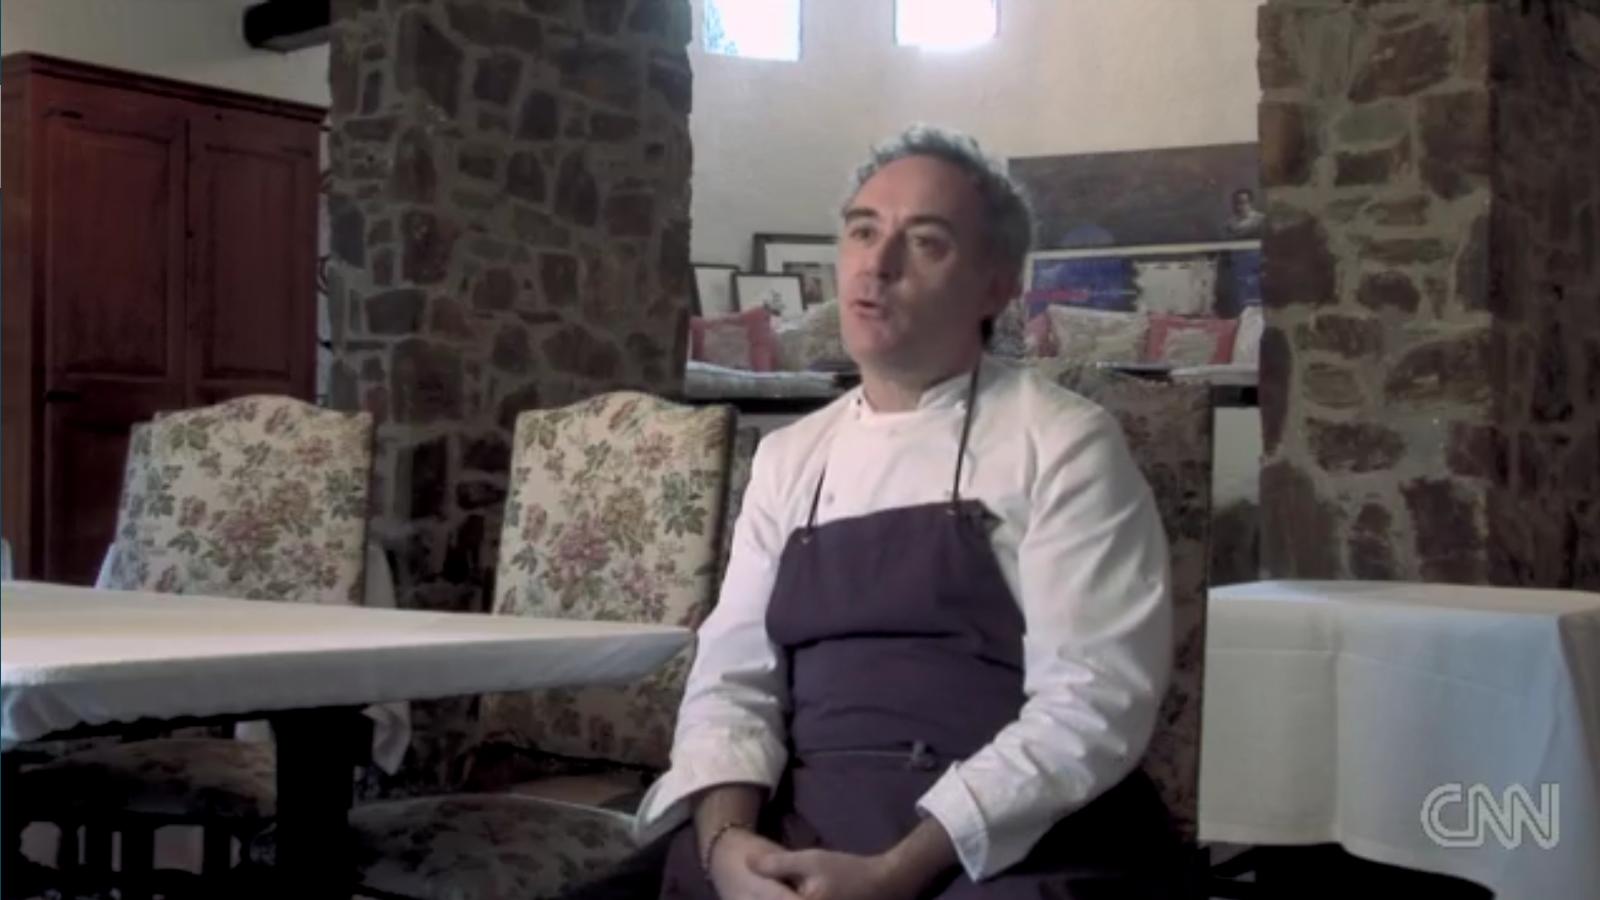 La CNN presenta Ferran Adrià com el mag de la gastronomia (1)